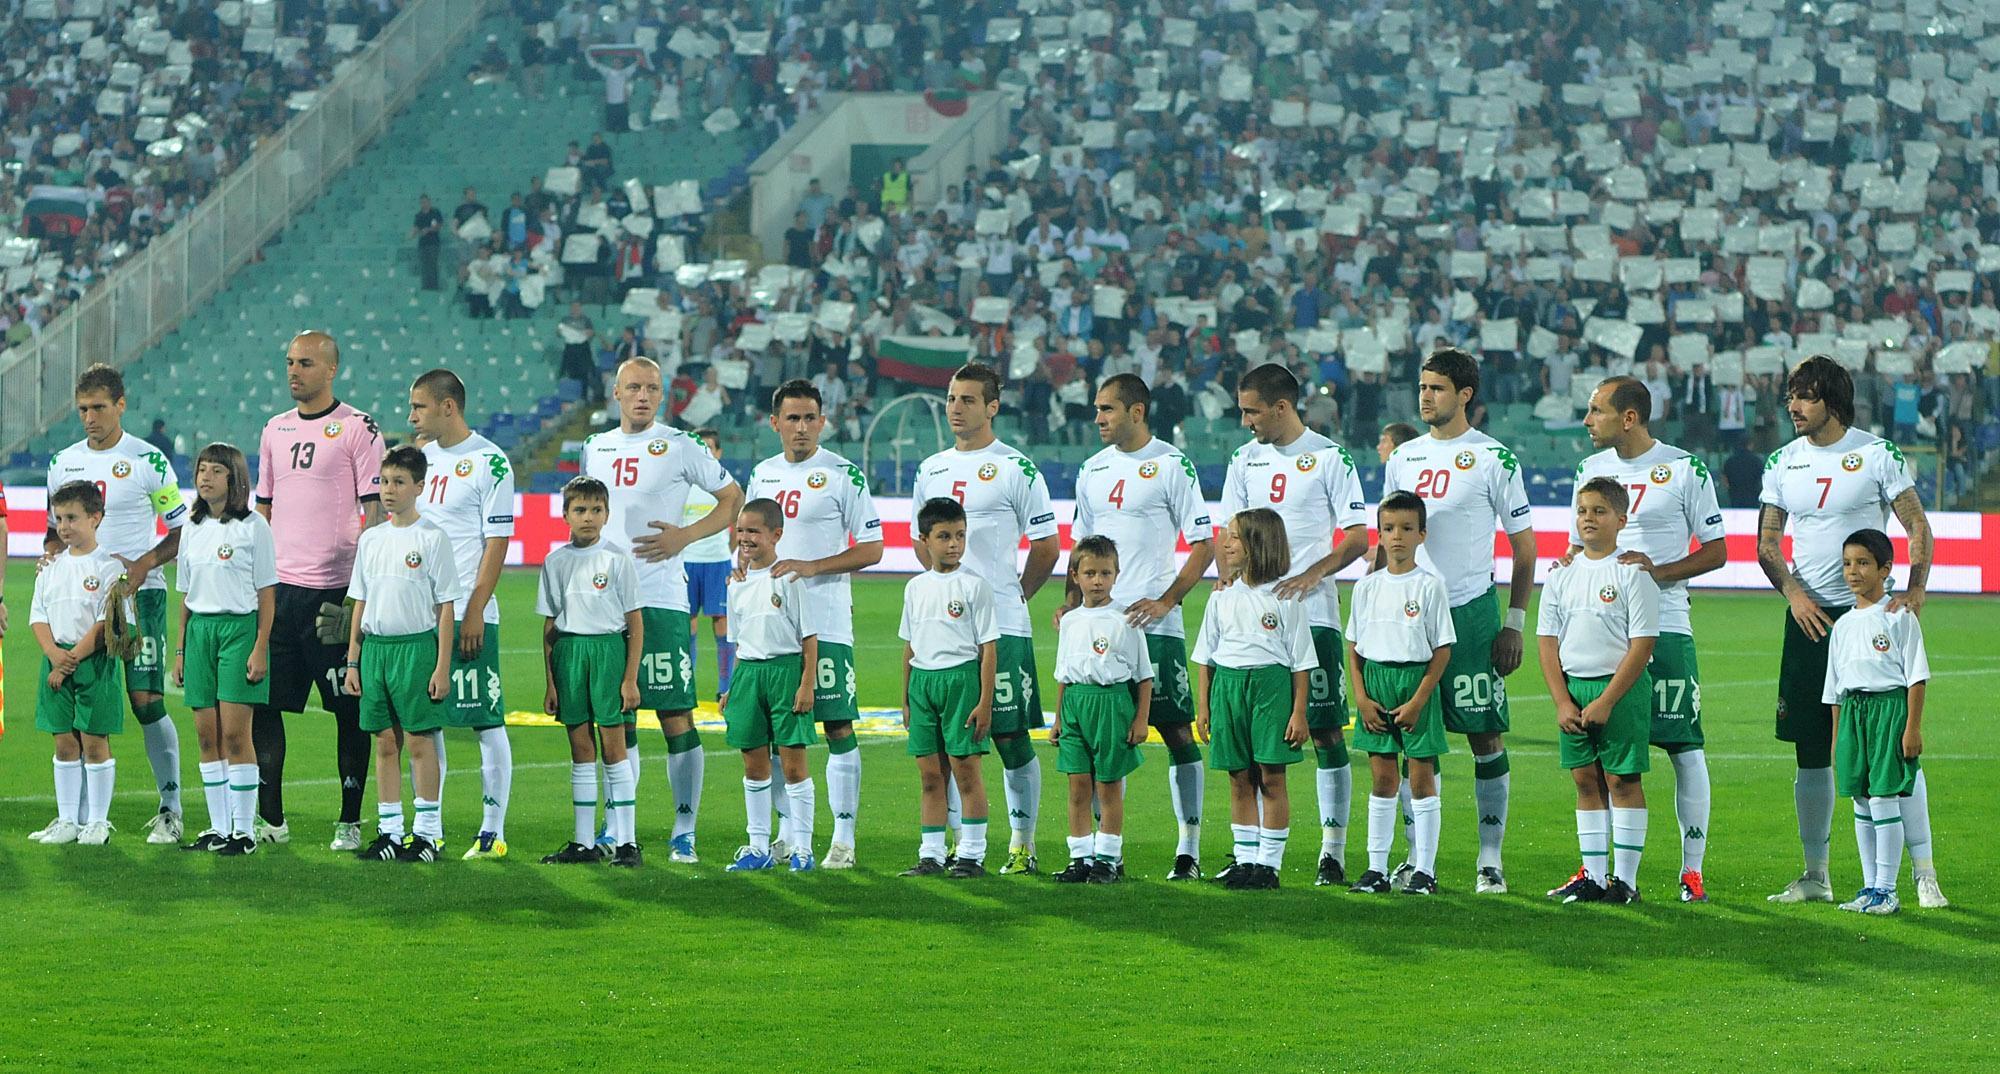 Остров, по-малък от София, ни задминава по футбол